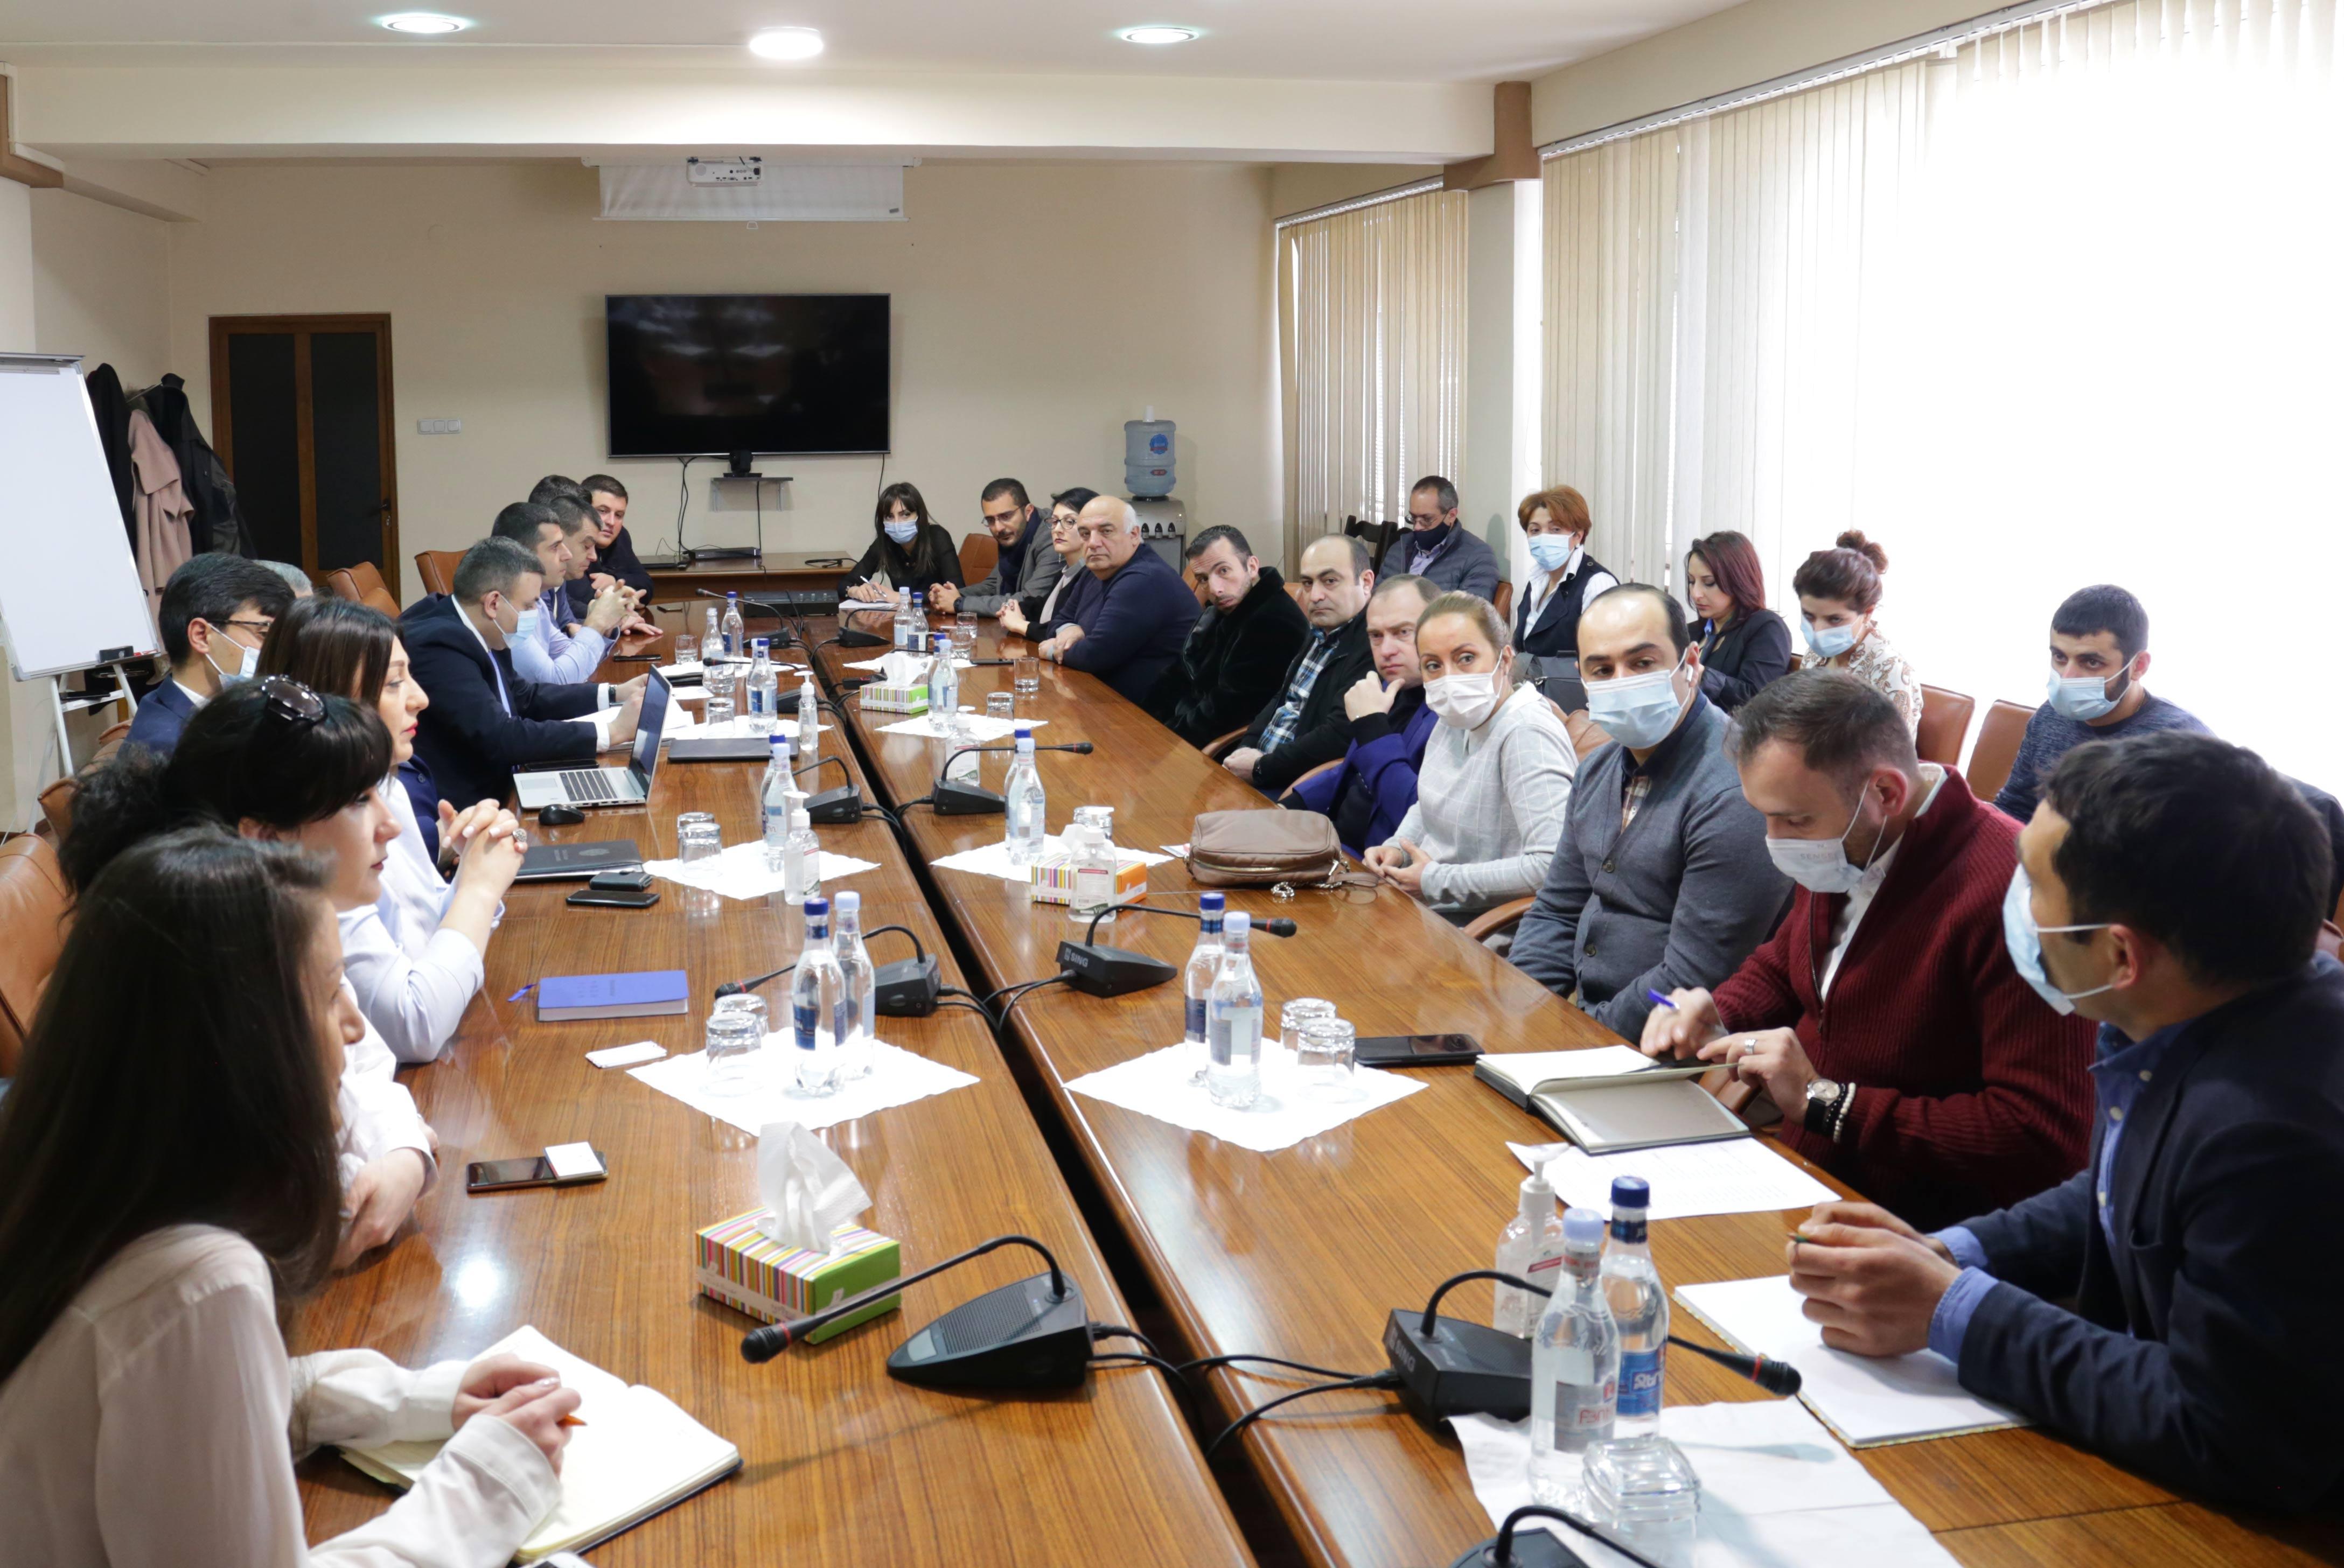 Էկոնոմիկայի փոխնախարար Վարոս Սիմոնյանը հանդիպում է ունեցել Հայաստանում գործող մատակարար ընկերությունների ներկայացուցիչների և տեղական արտադրողների հետ